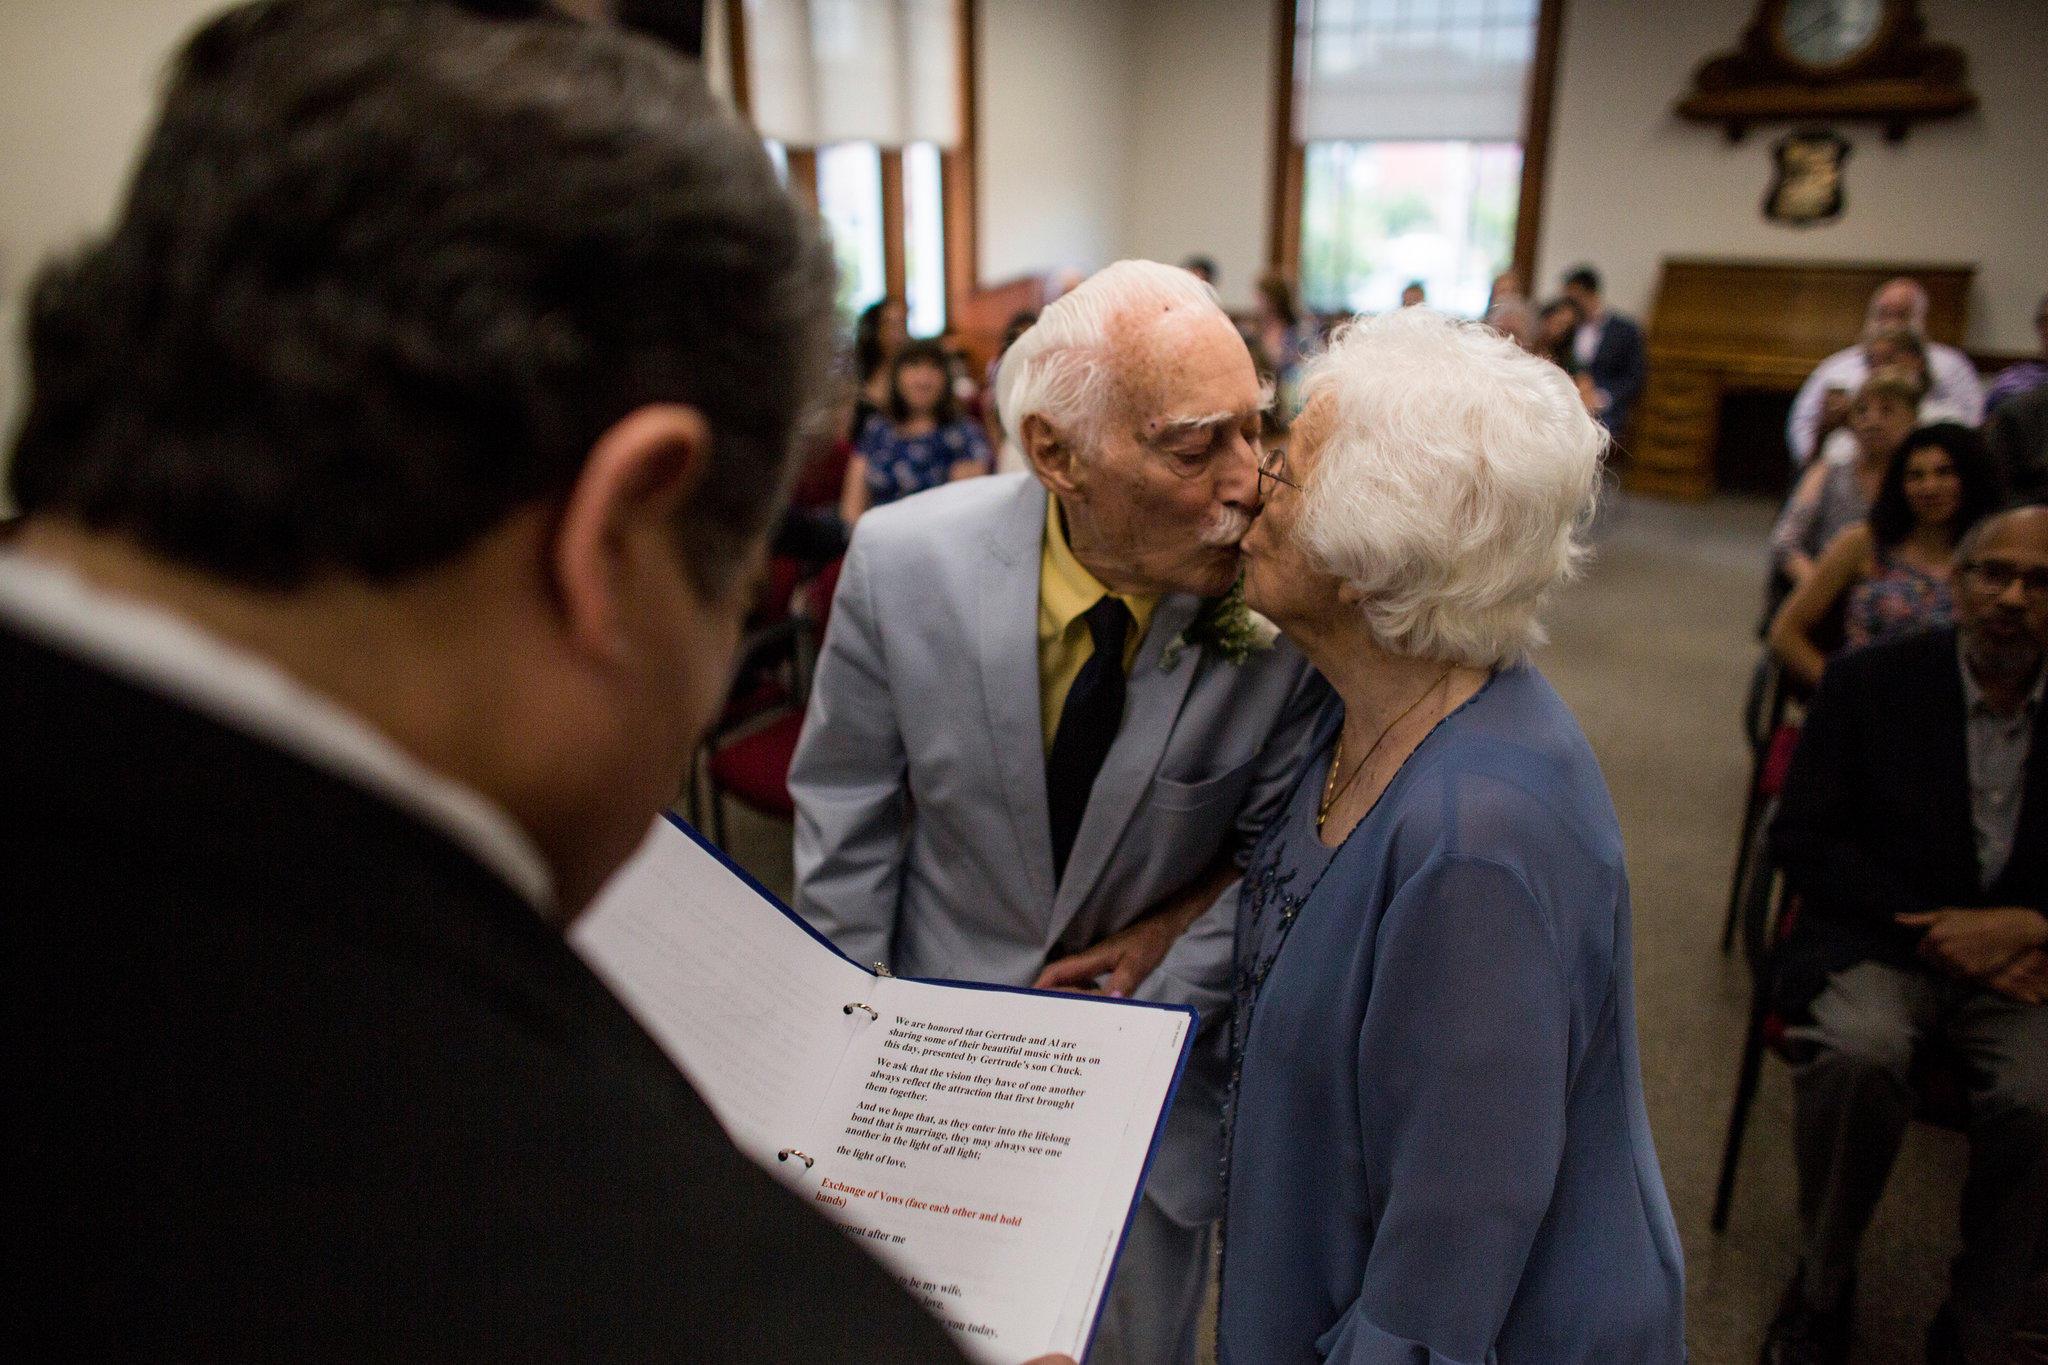 Εκείνη 98 χρονών και εκείνος 94, γνωρίστηκαν στο γυμναστήριο και παντρεύτηκαν